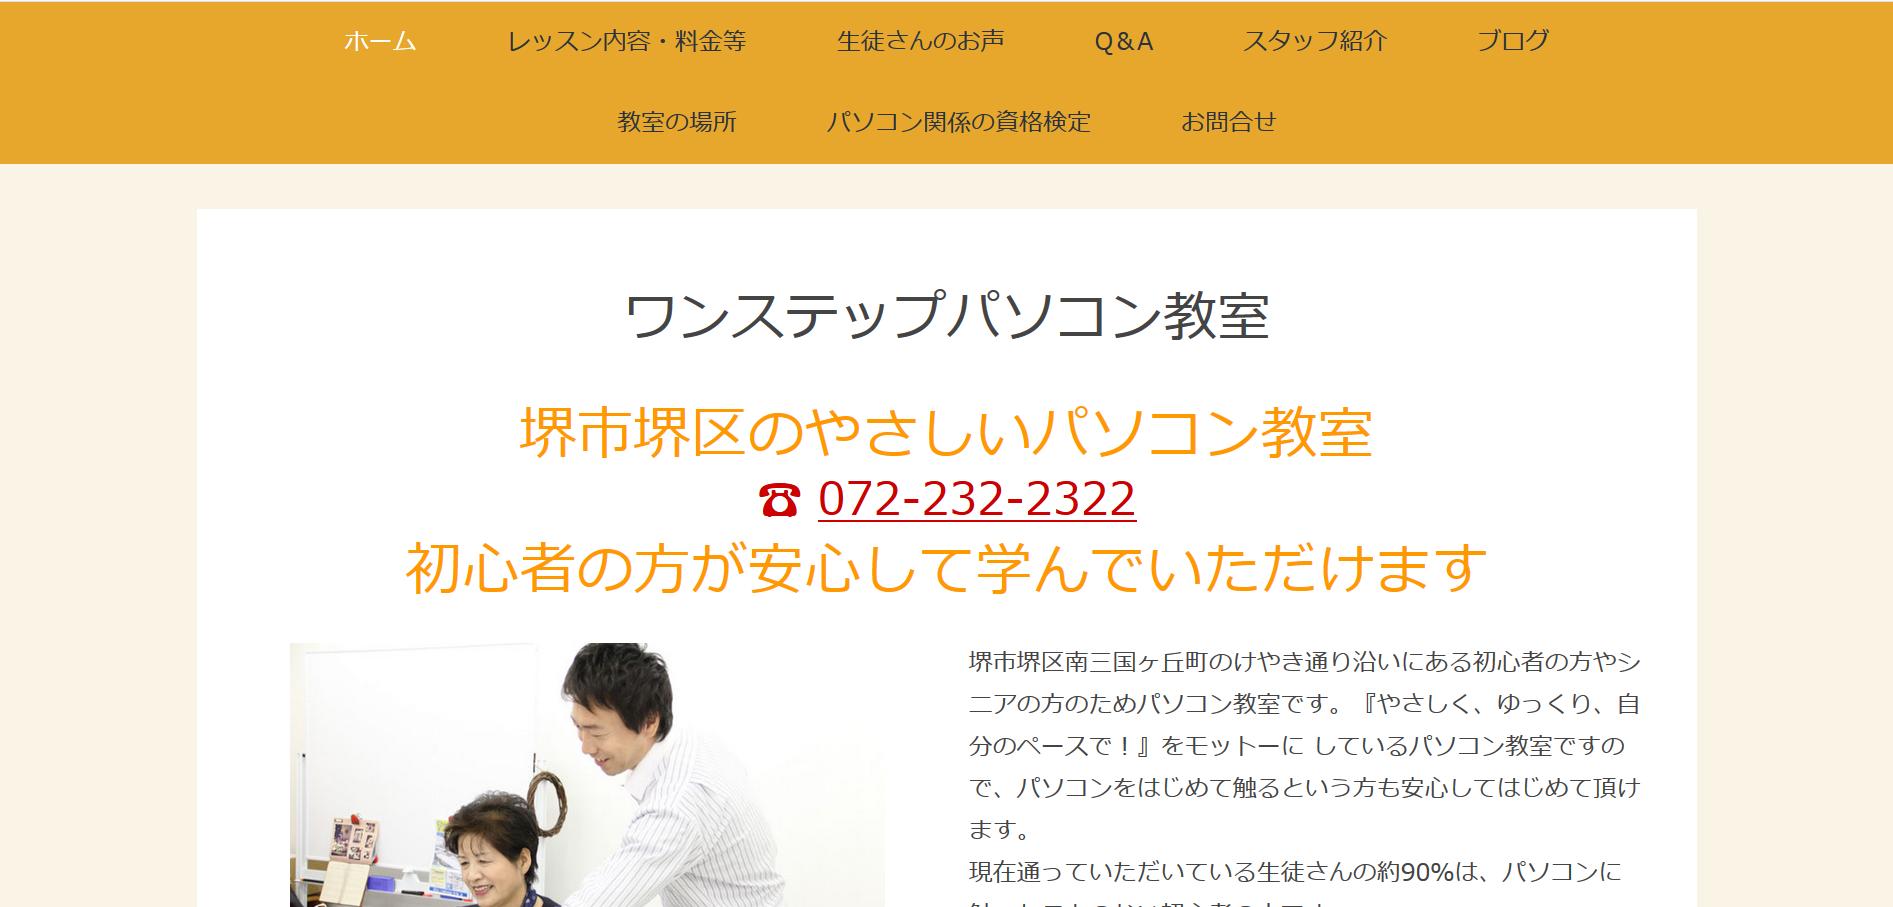 ワンステップパソコン教室の評判・口コミ